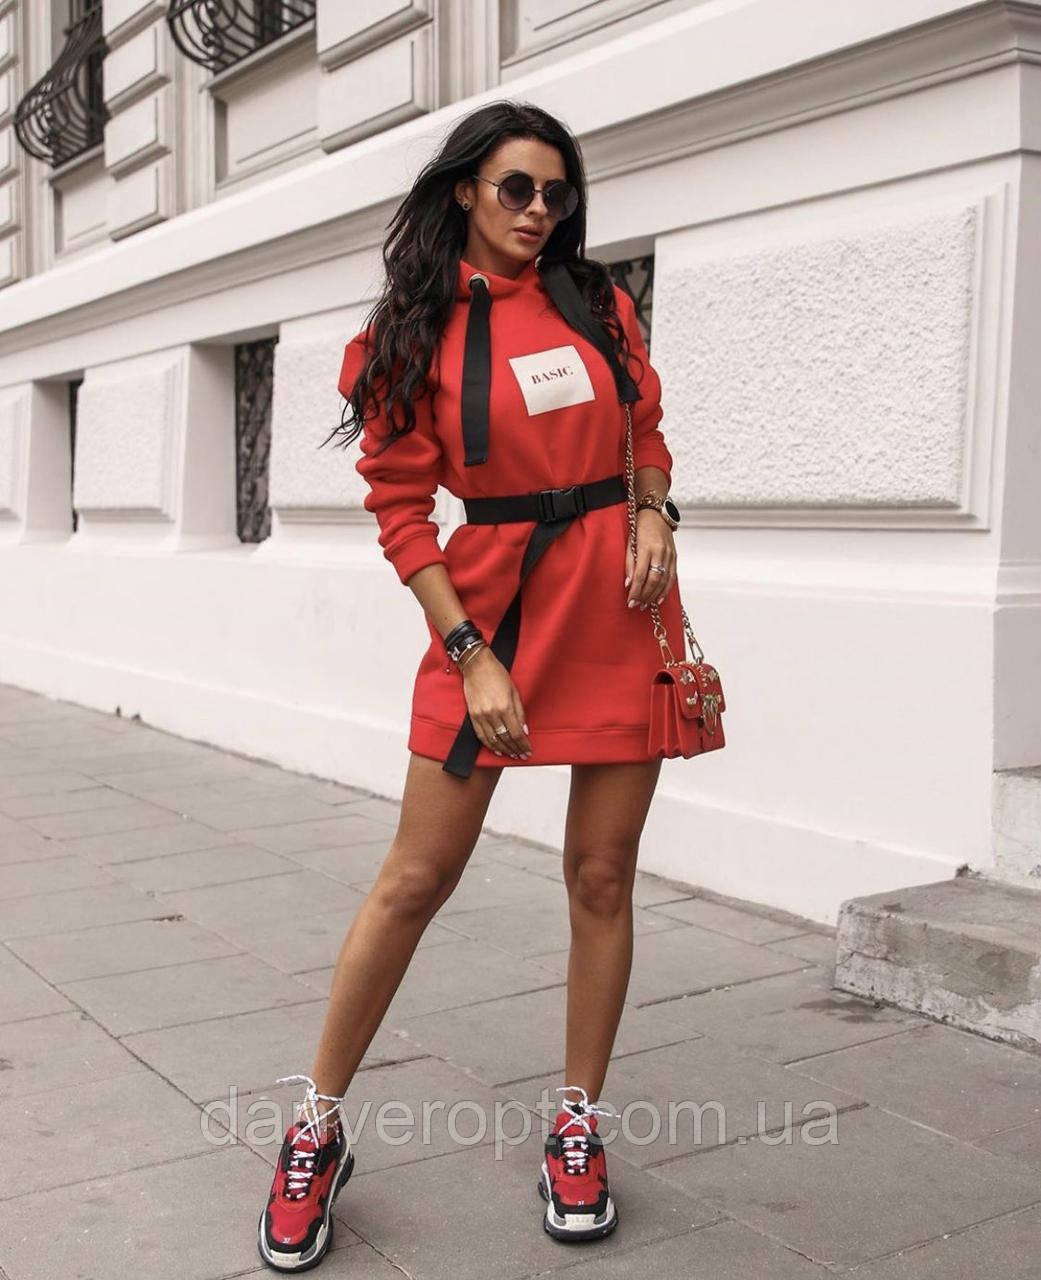 Платье женское модное стильное с поясом размер универсальный 42-46 купить оптом со склада 7км Одесса